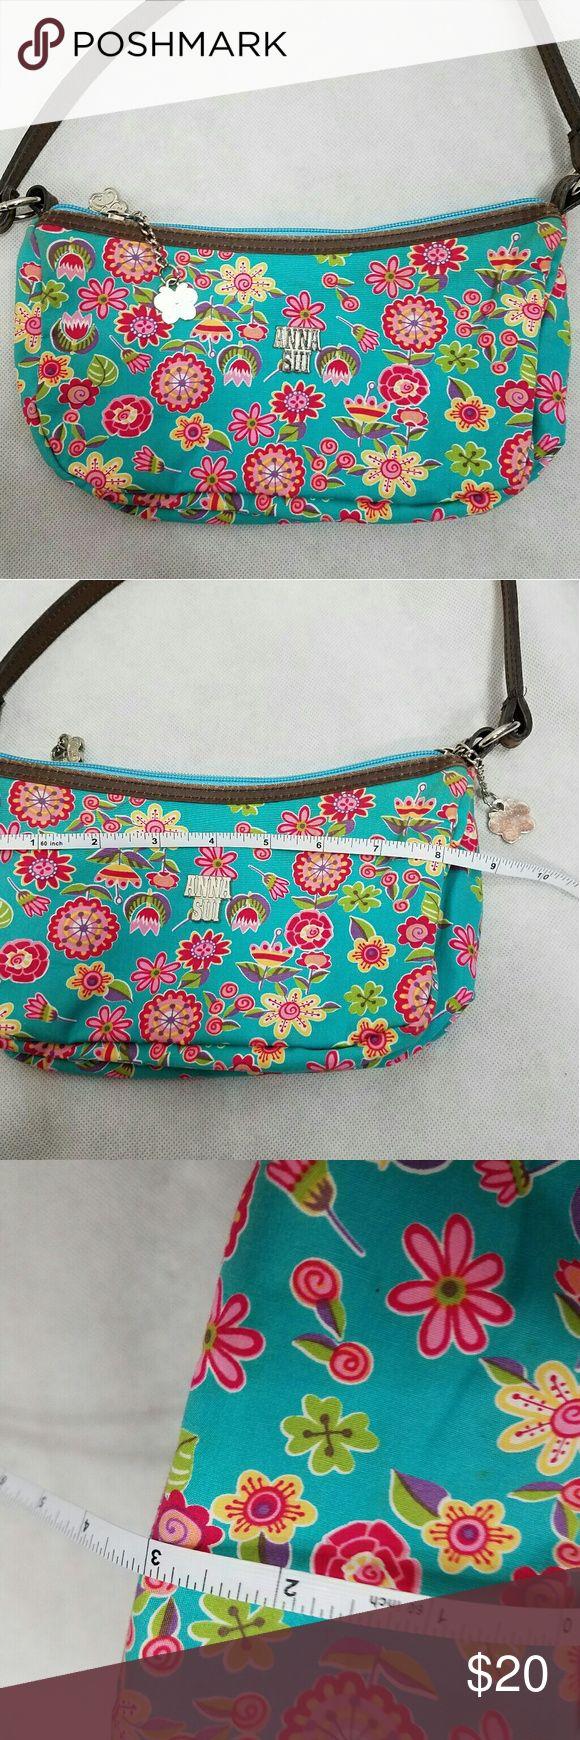 Anna Sui purse Spring / summer cute. Small bag. See photos Anna Sui Bags Mini Bags